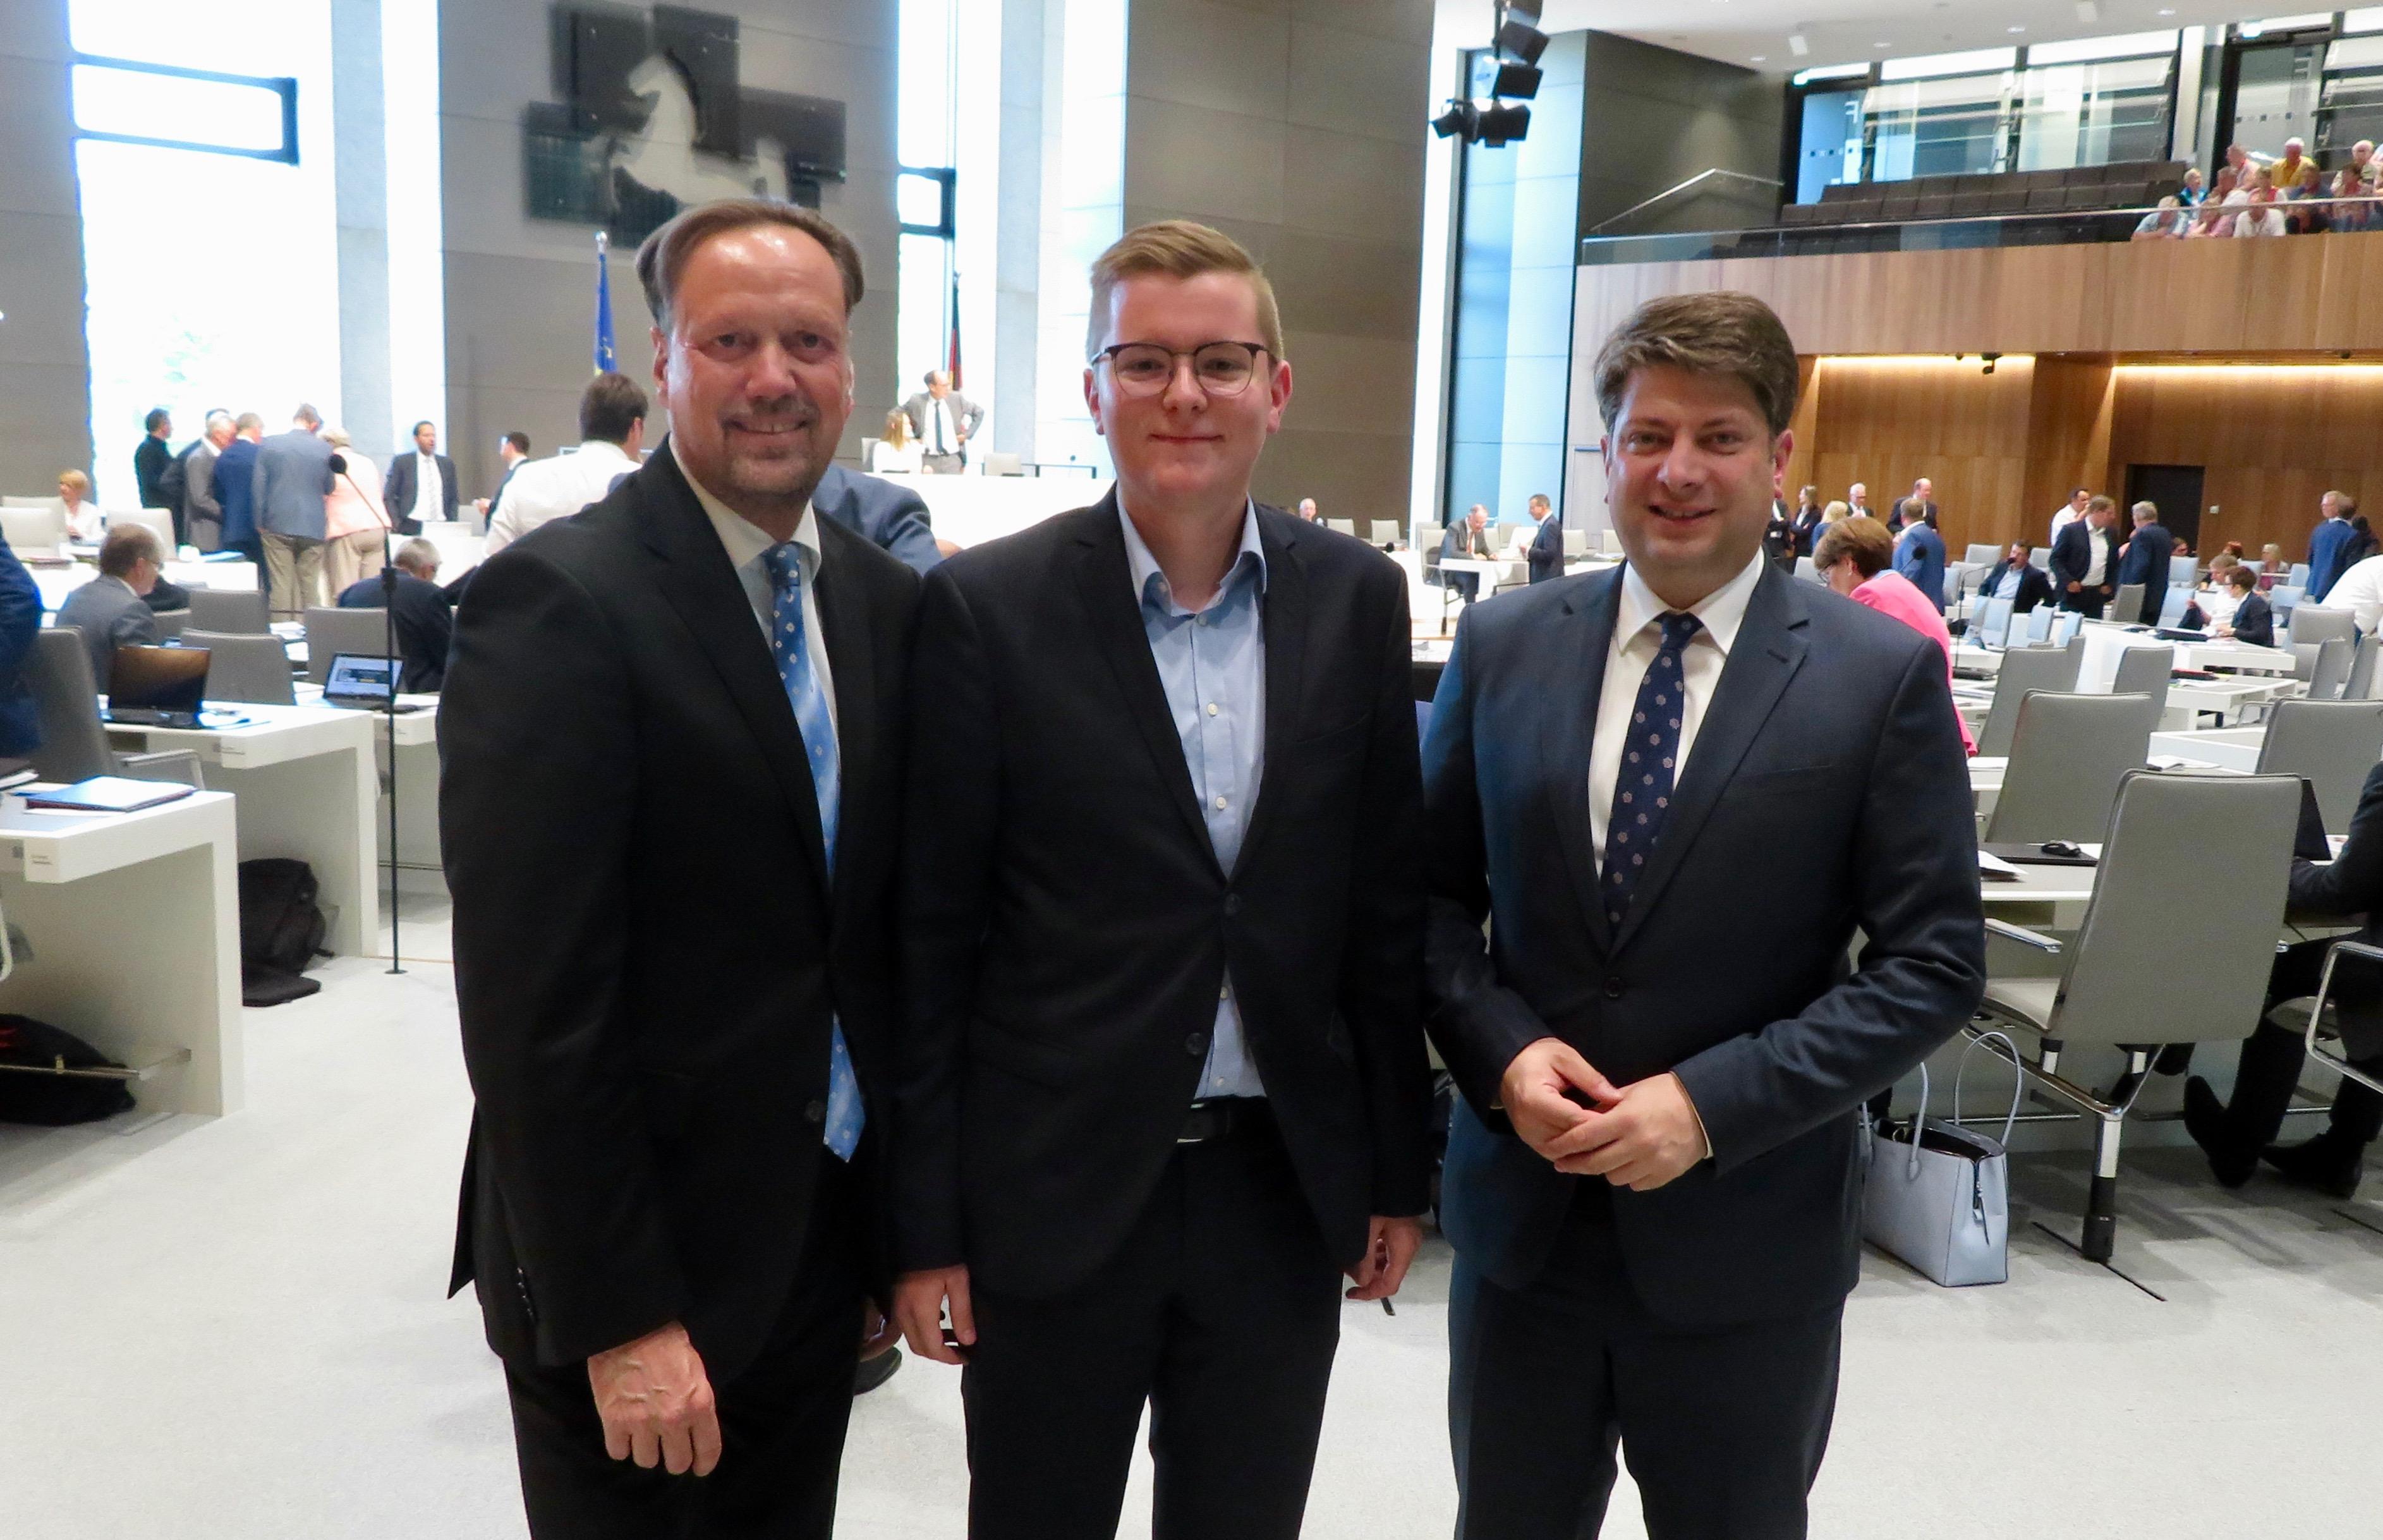 """Über die Teilnahme an der """"Talentschmiede"""" bei Christian Calderone (rechts) im Niedersächsischen Landtag: Tim Dorniak aus Dinklage, hier mit dem CDU-Fraktionsvorsitzenden Dirk Töpfer (links)."""